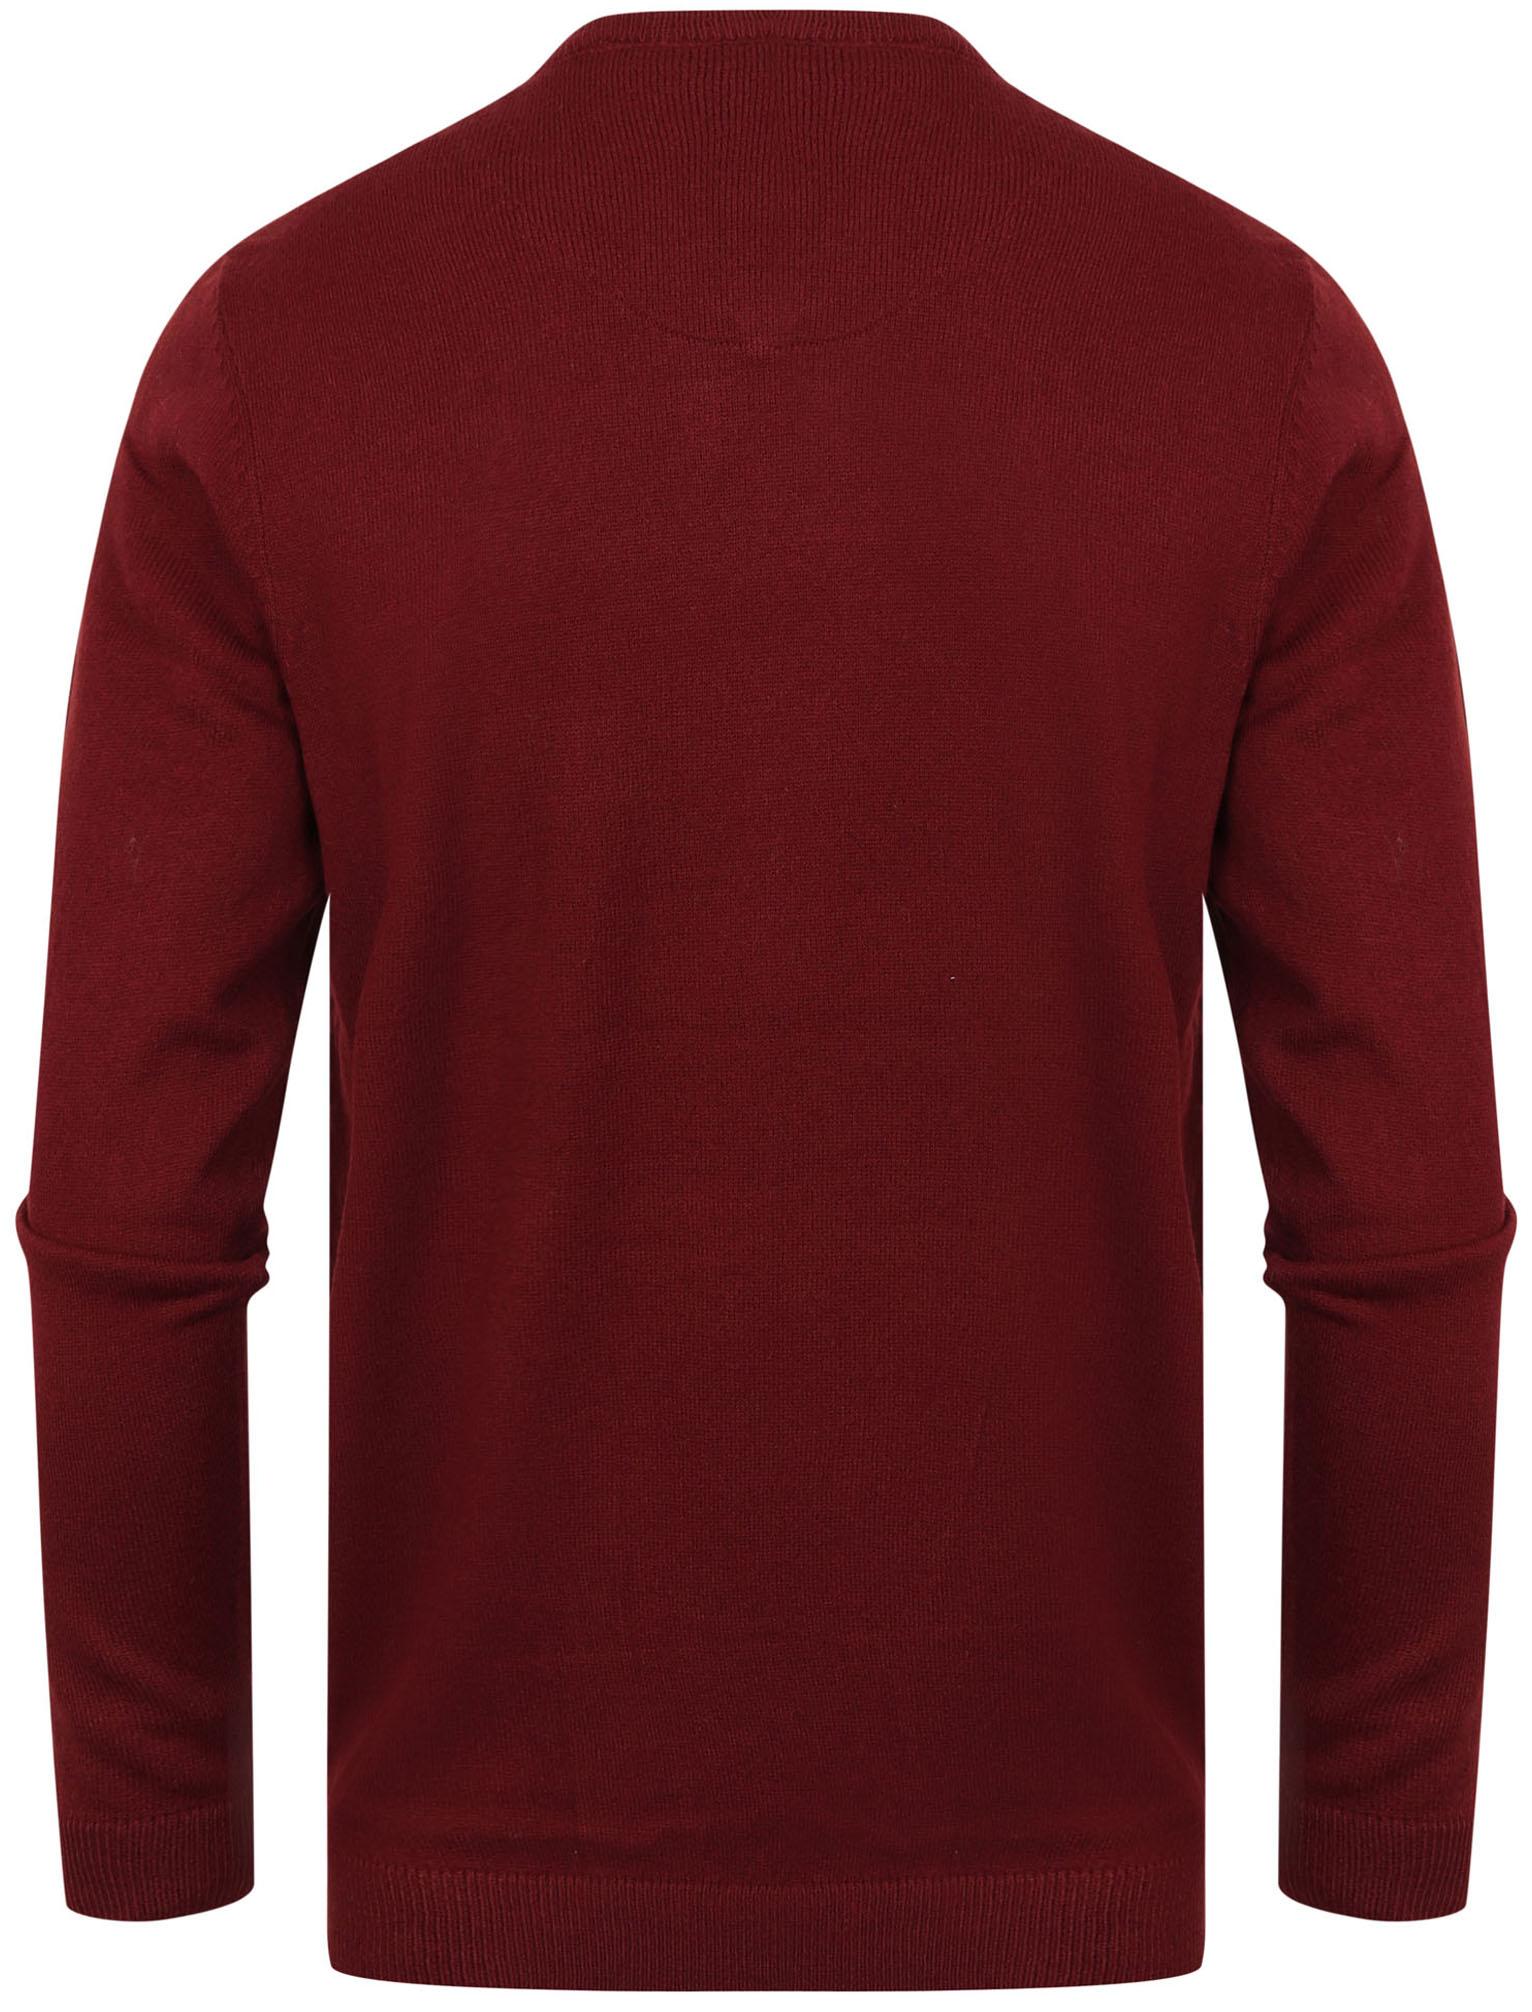 Kensington-Eastside-Men-039-s-Knitted-Crew-or-V-Neck-Jumper-Sweater-Top-Pullover thumbnail 39